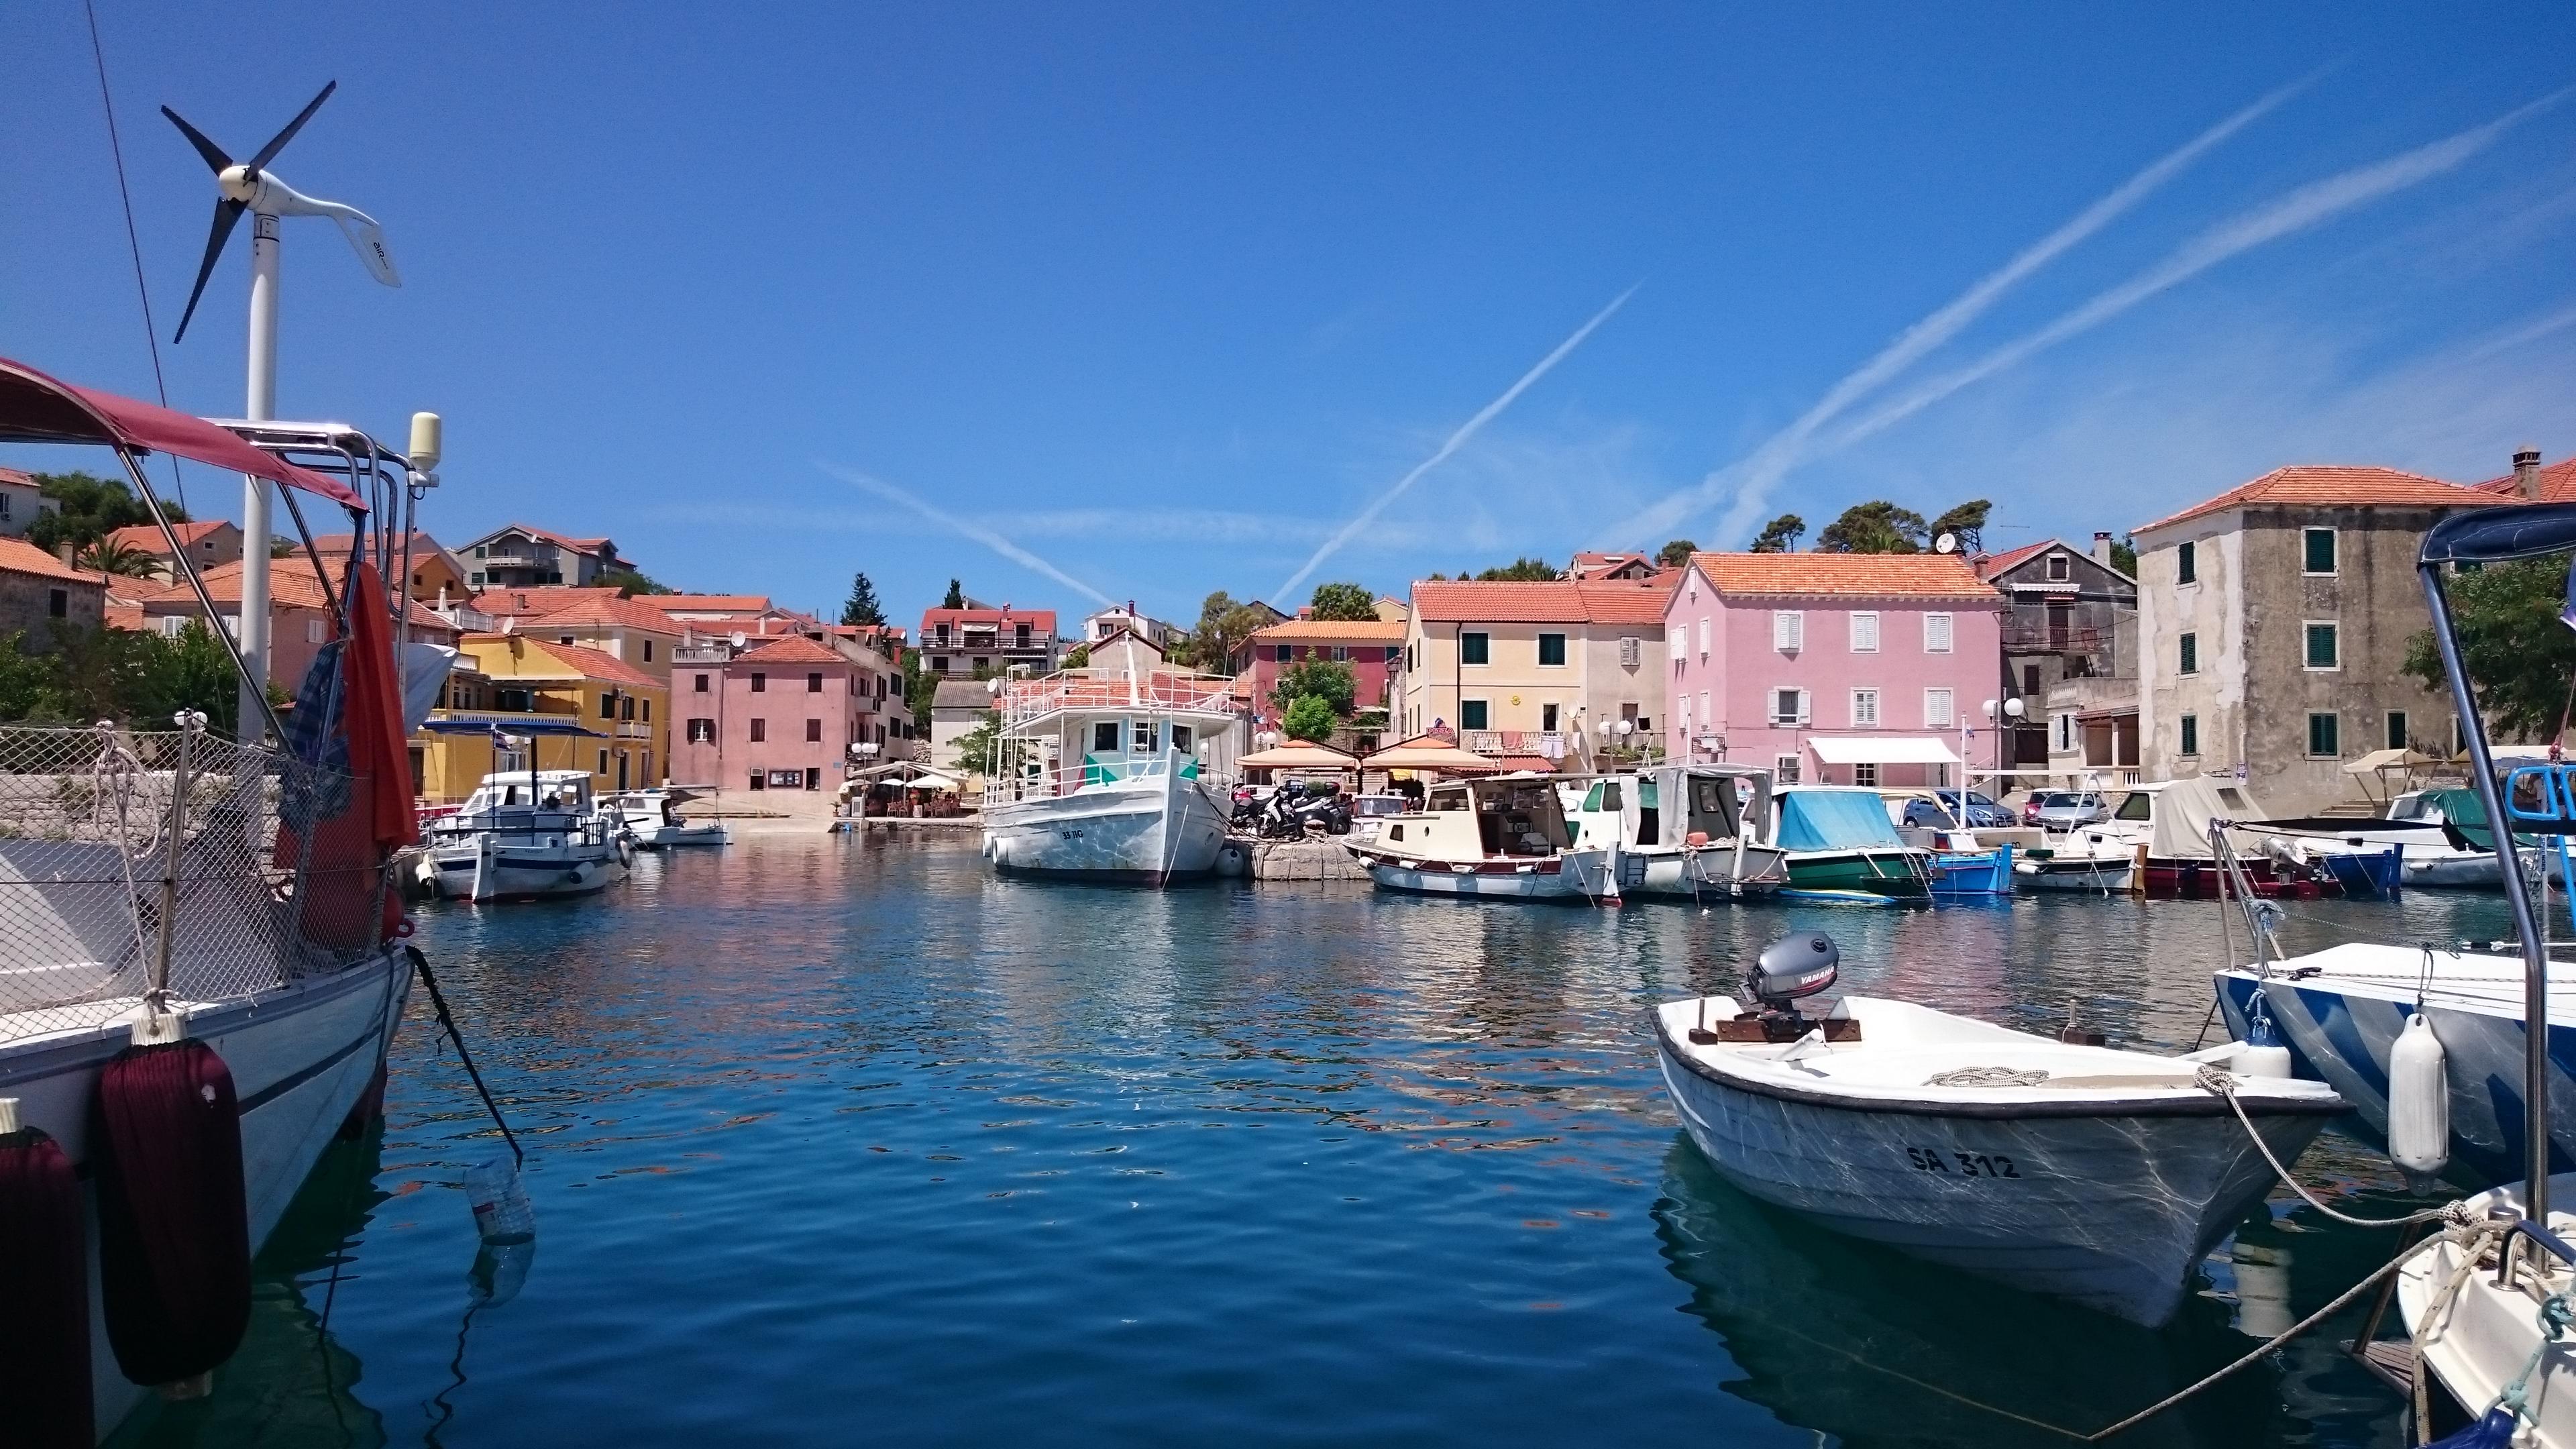 De små pittoreska fiskebyarna och de vackra kuststäderna med fina marinor och imponerande hamnområden är många i det fantastiska seglingslandet Kroatien